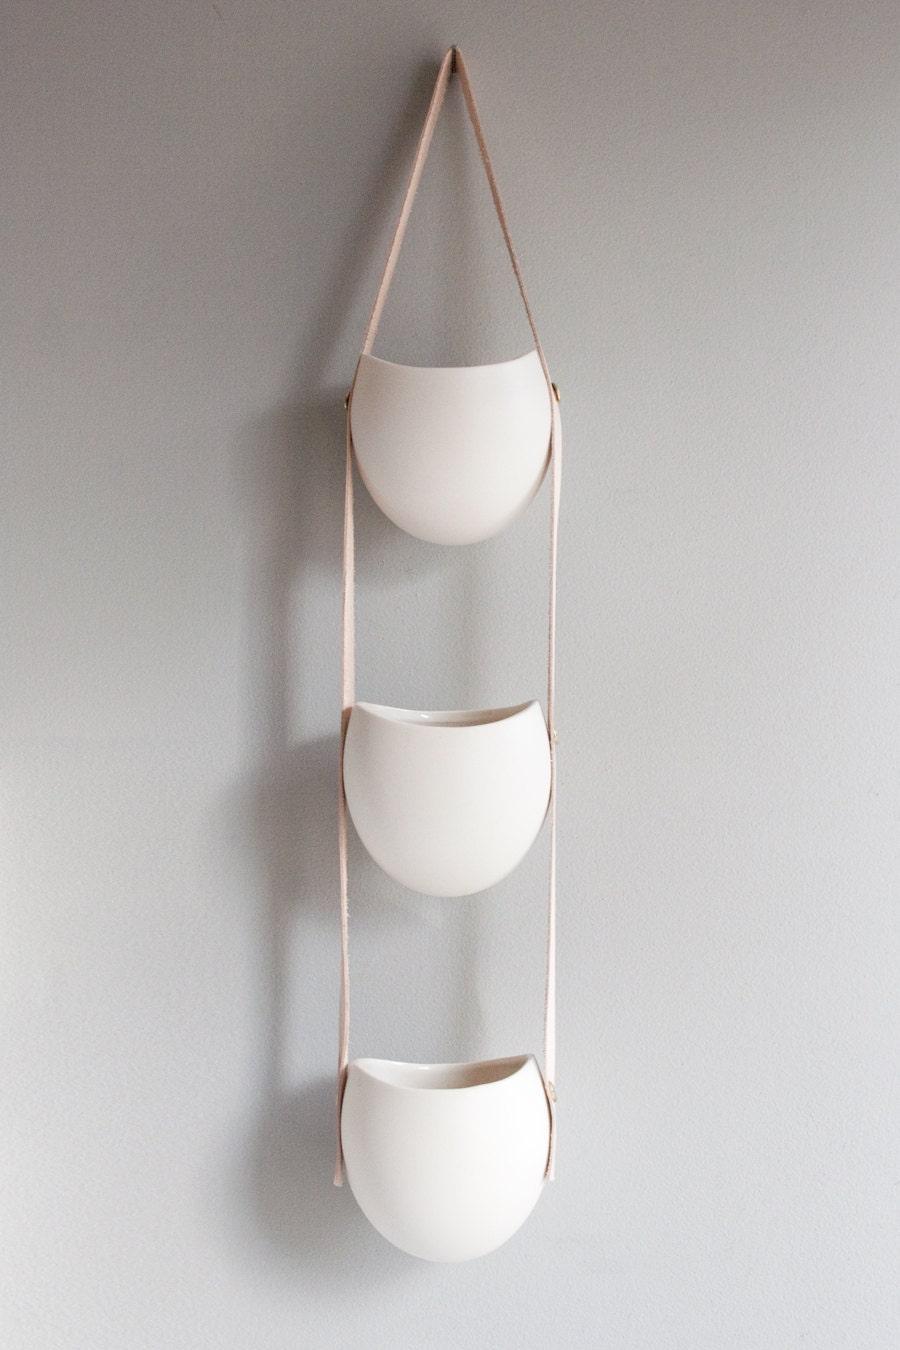 Porcelana ORDER-Karlyn-4 CUSTOM queda e couro pendurado recipiente médio porte